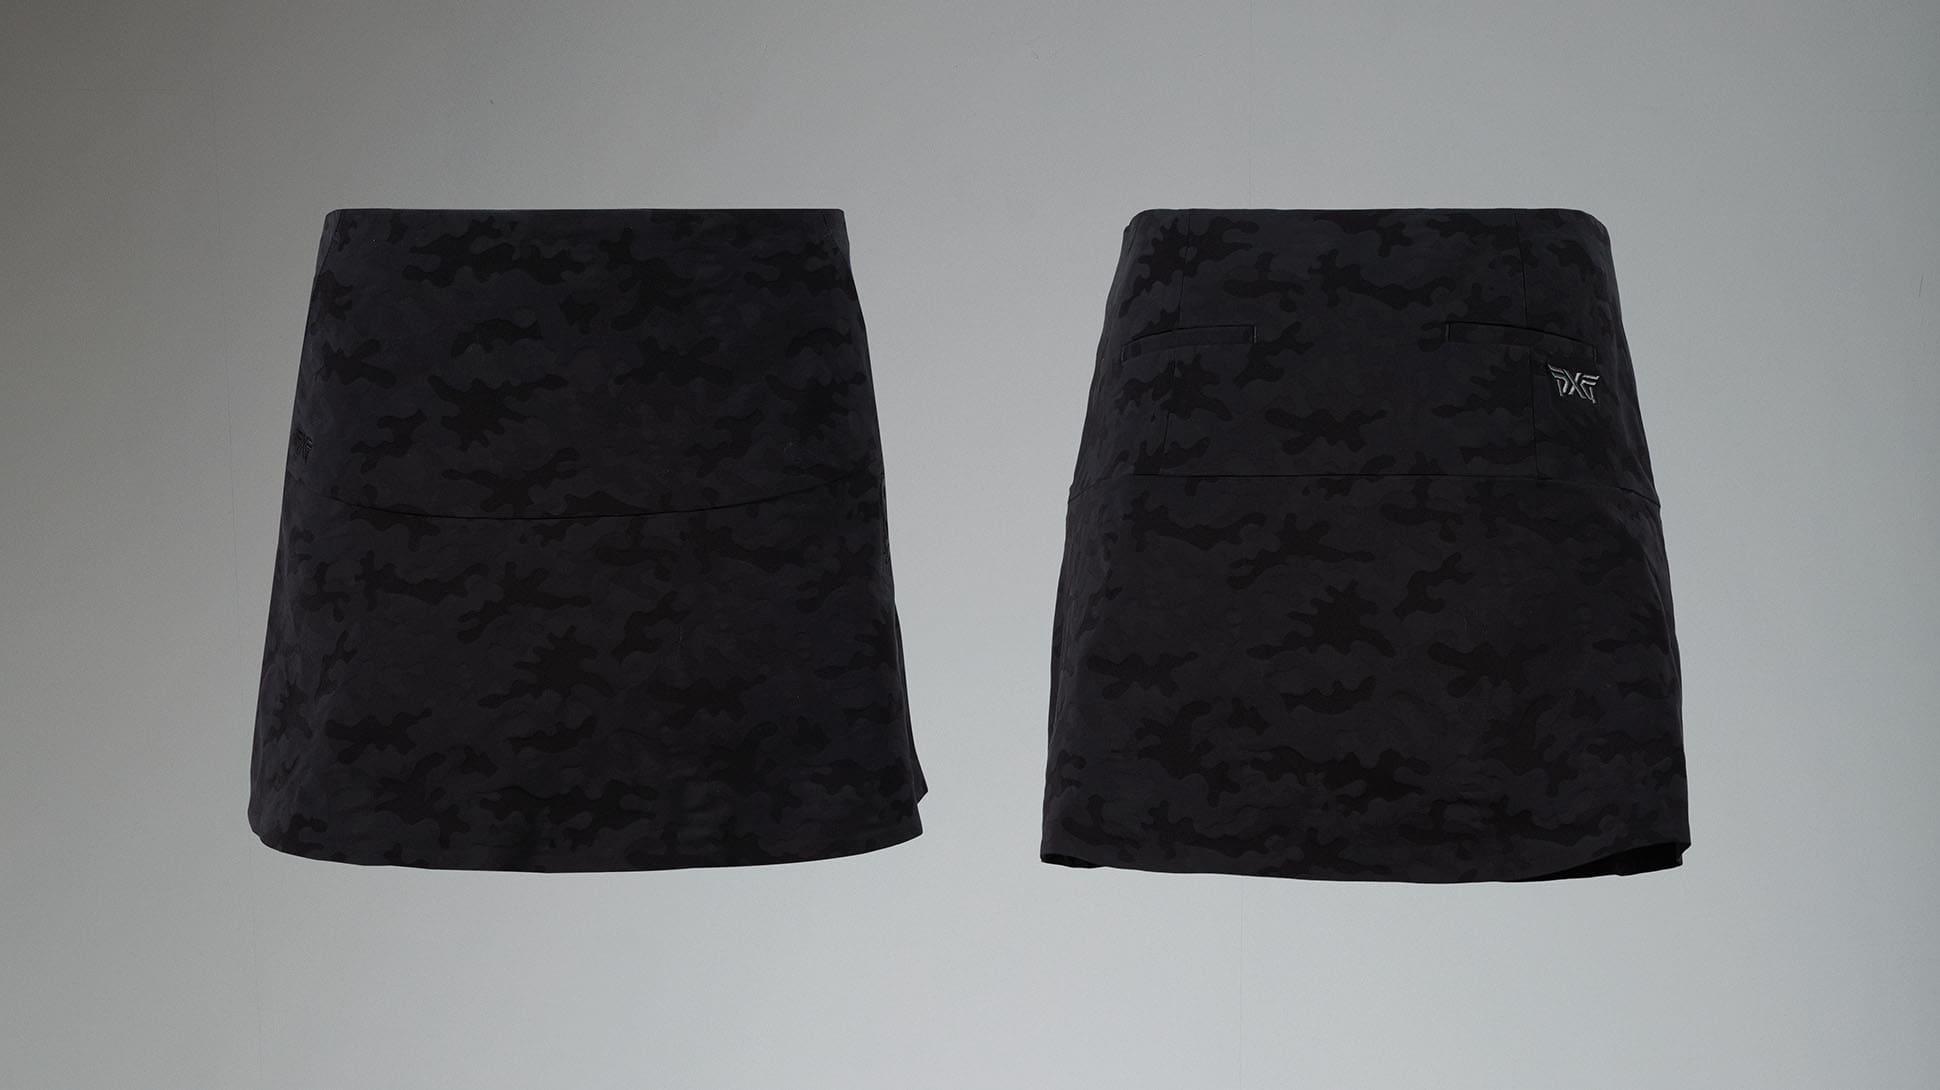 Darkness Skirt Image 2